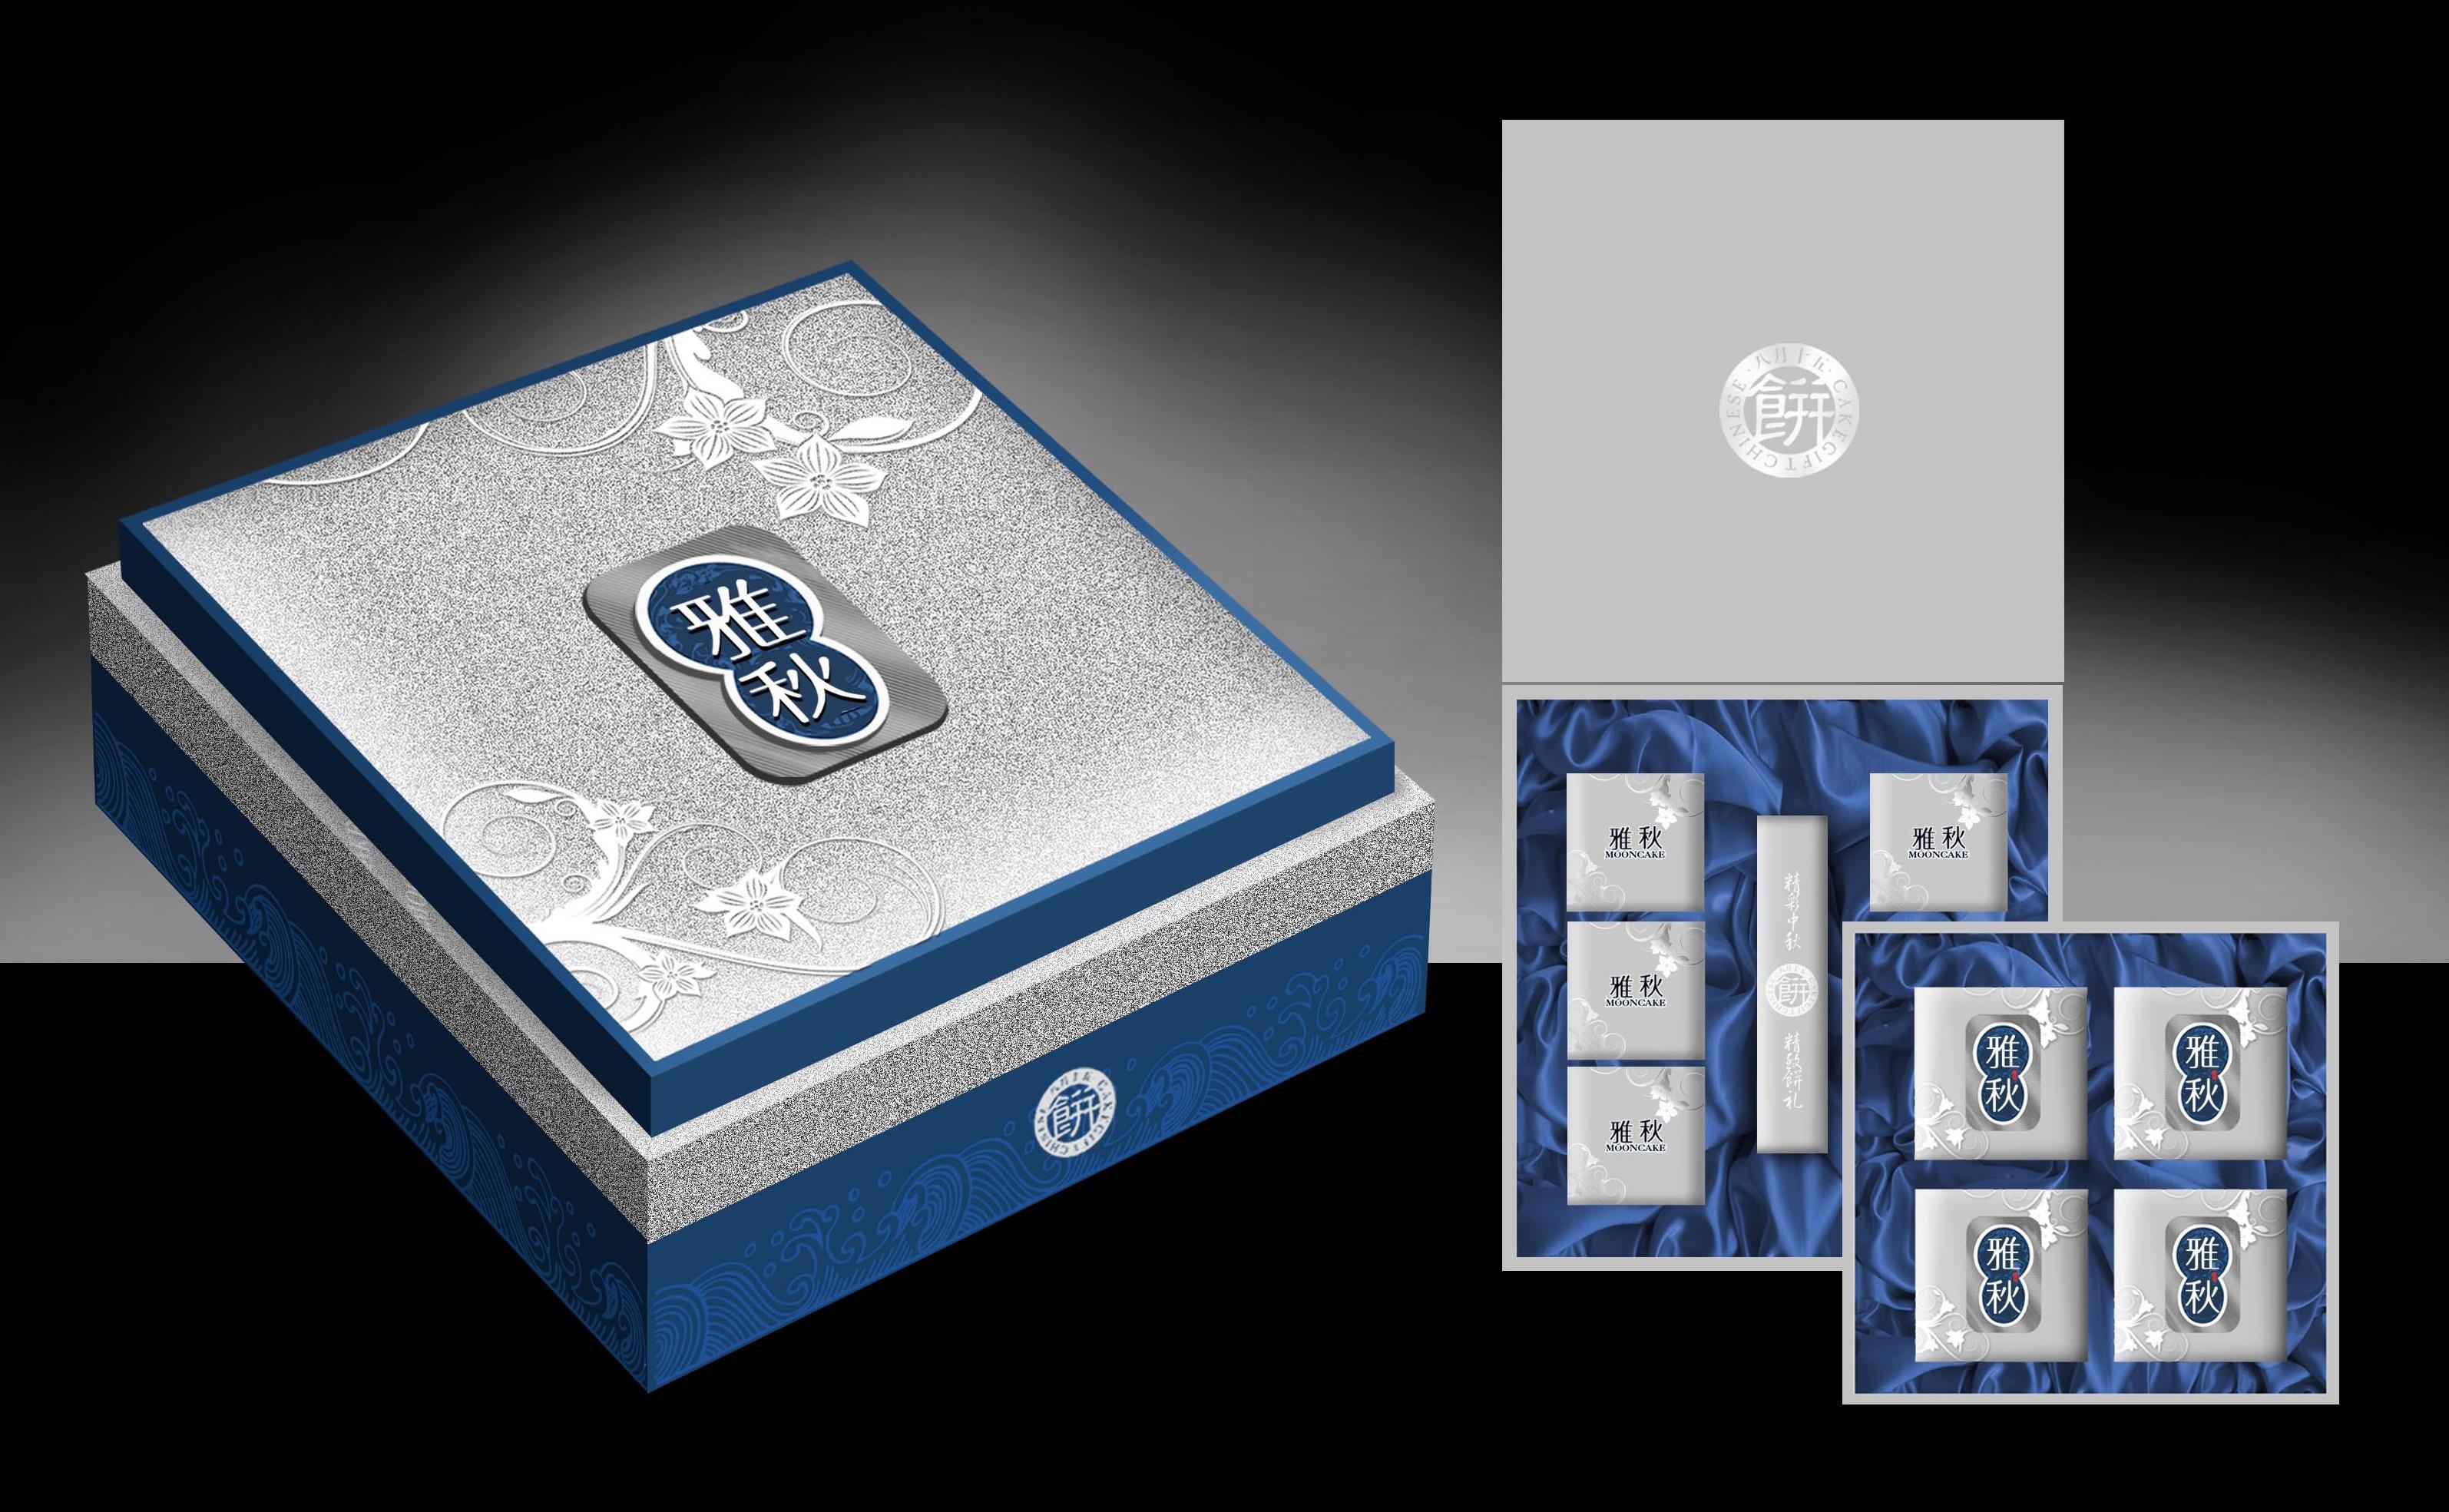 包装盒供应商生产 食品纸盒 杯子包装盒 款式时尚**可图片